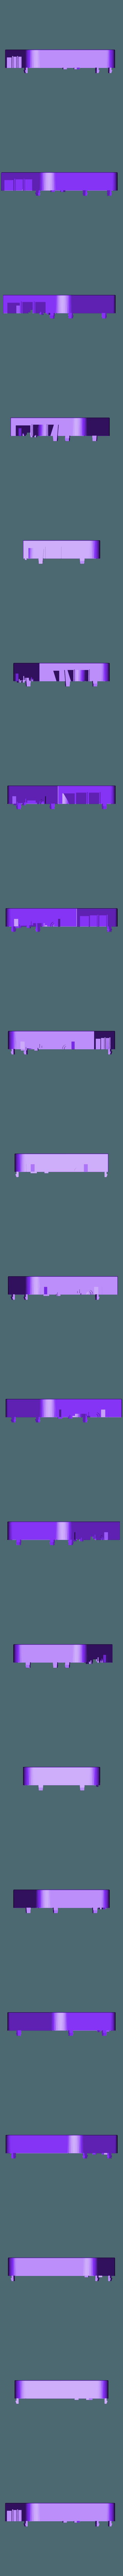 Lead.STL Télécharger fichier STL gratuit Raspberry Pi 3 B+ enclosure • Modèle à imprimer en 3D, kgitman